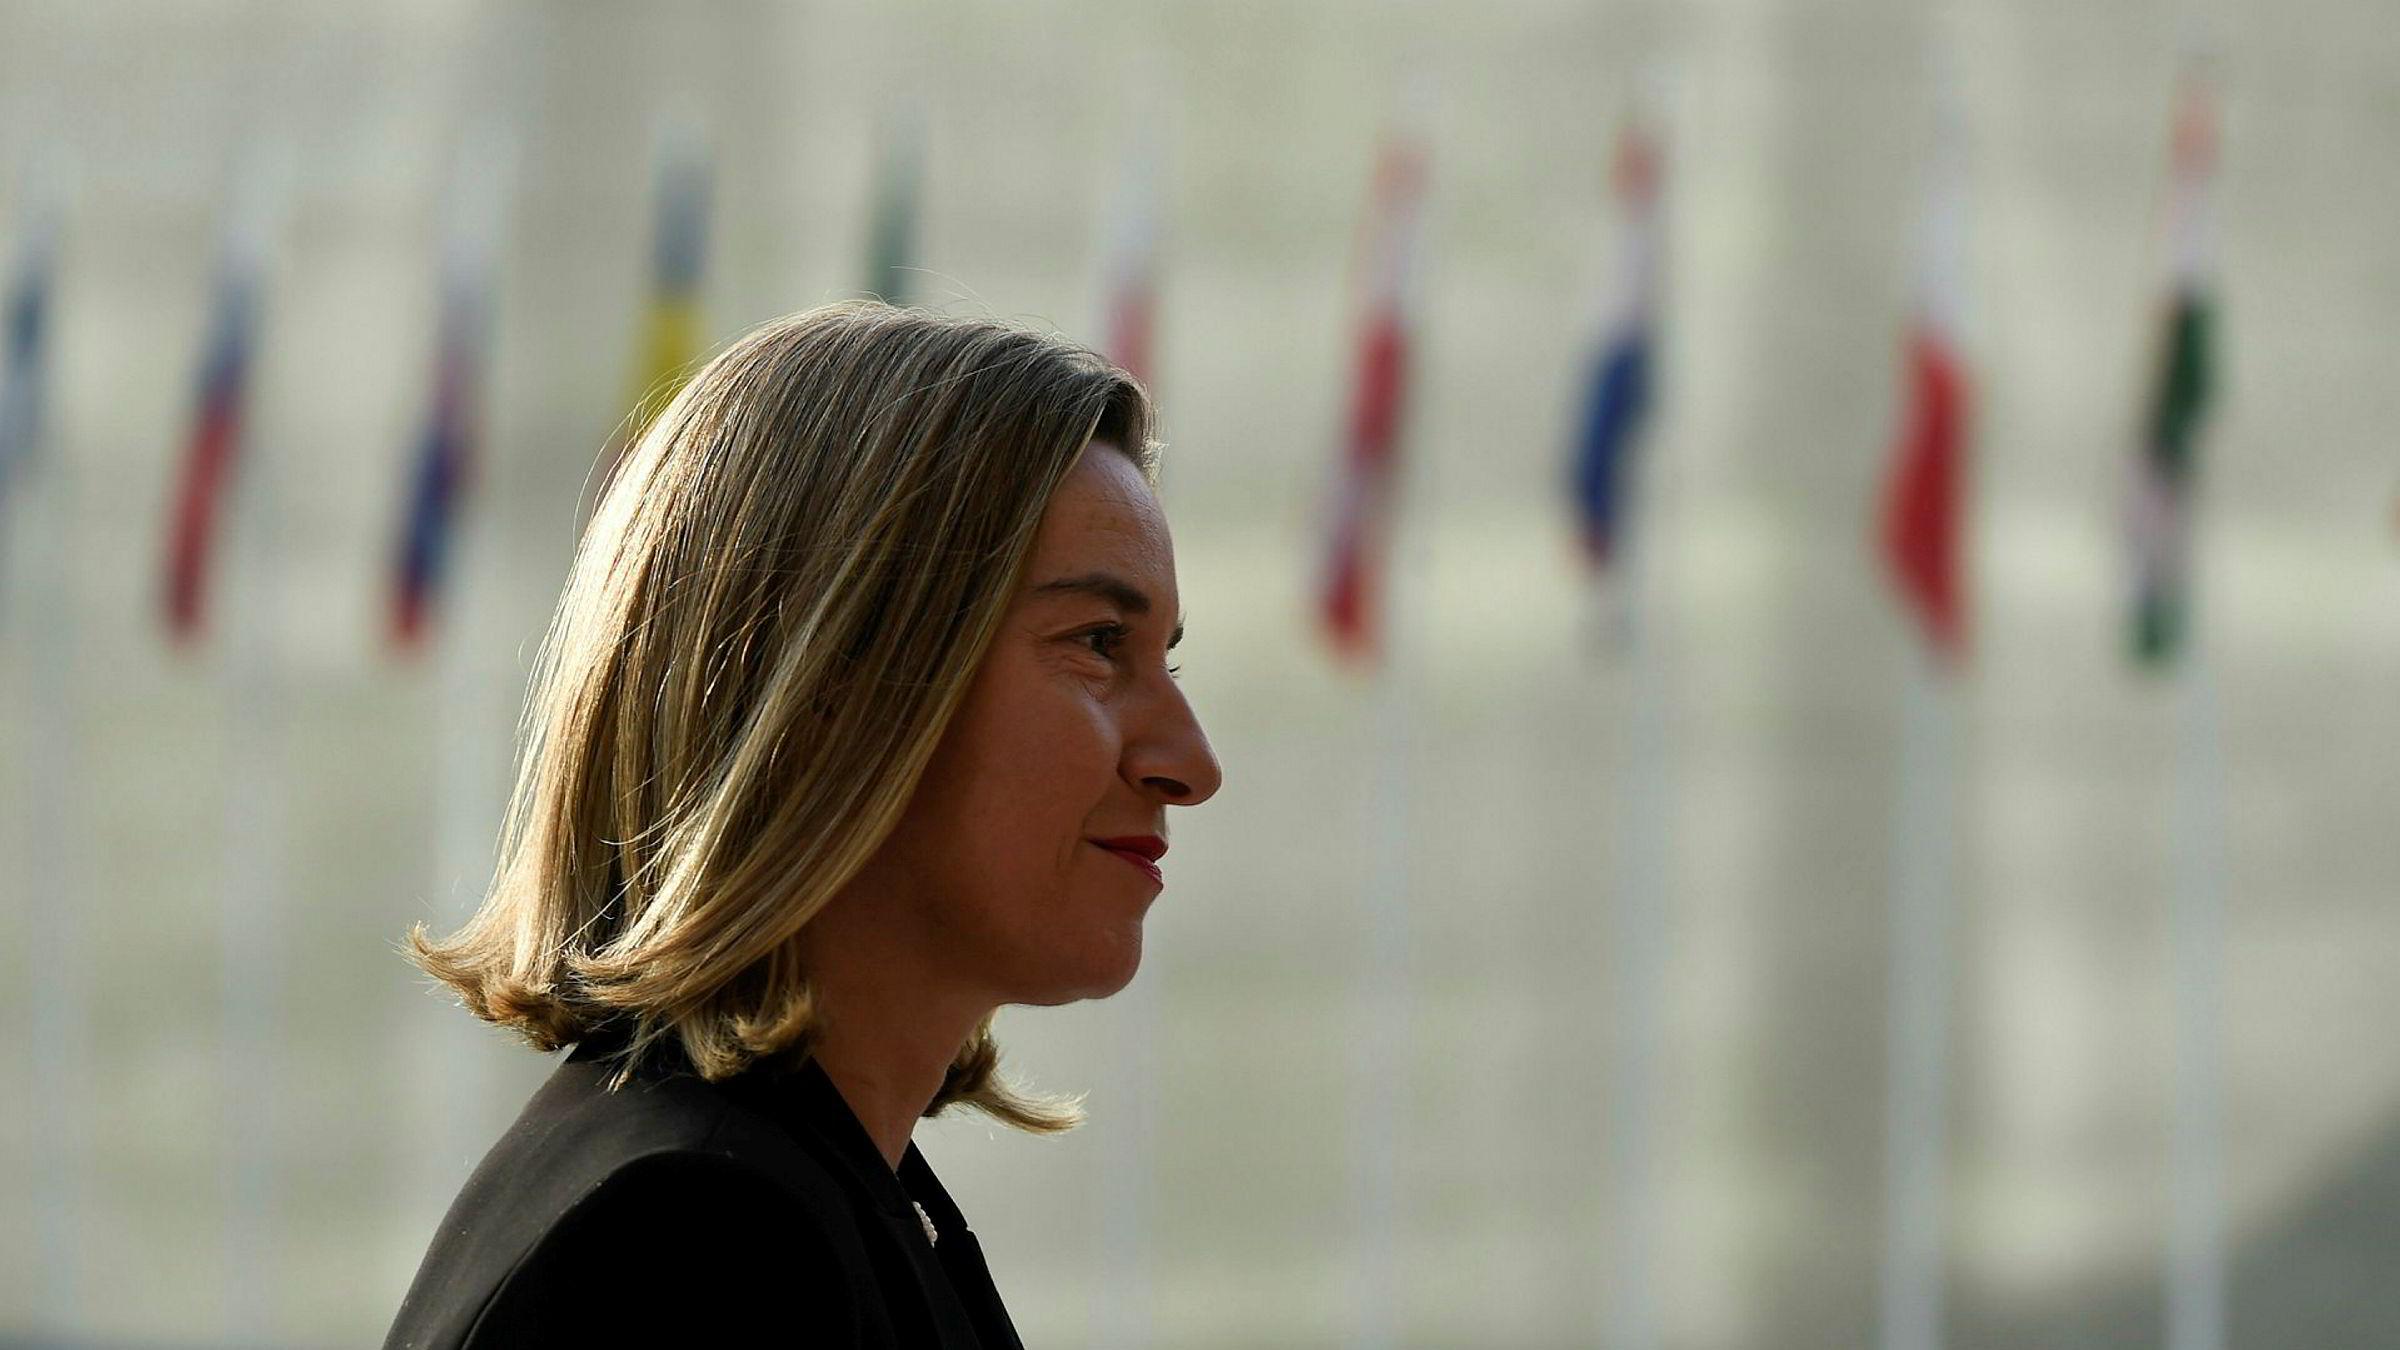 - Det er en avtale vi trenger for vår sikkerhet, sier EUs utenrikssjef Federica Mogherini.